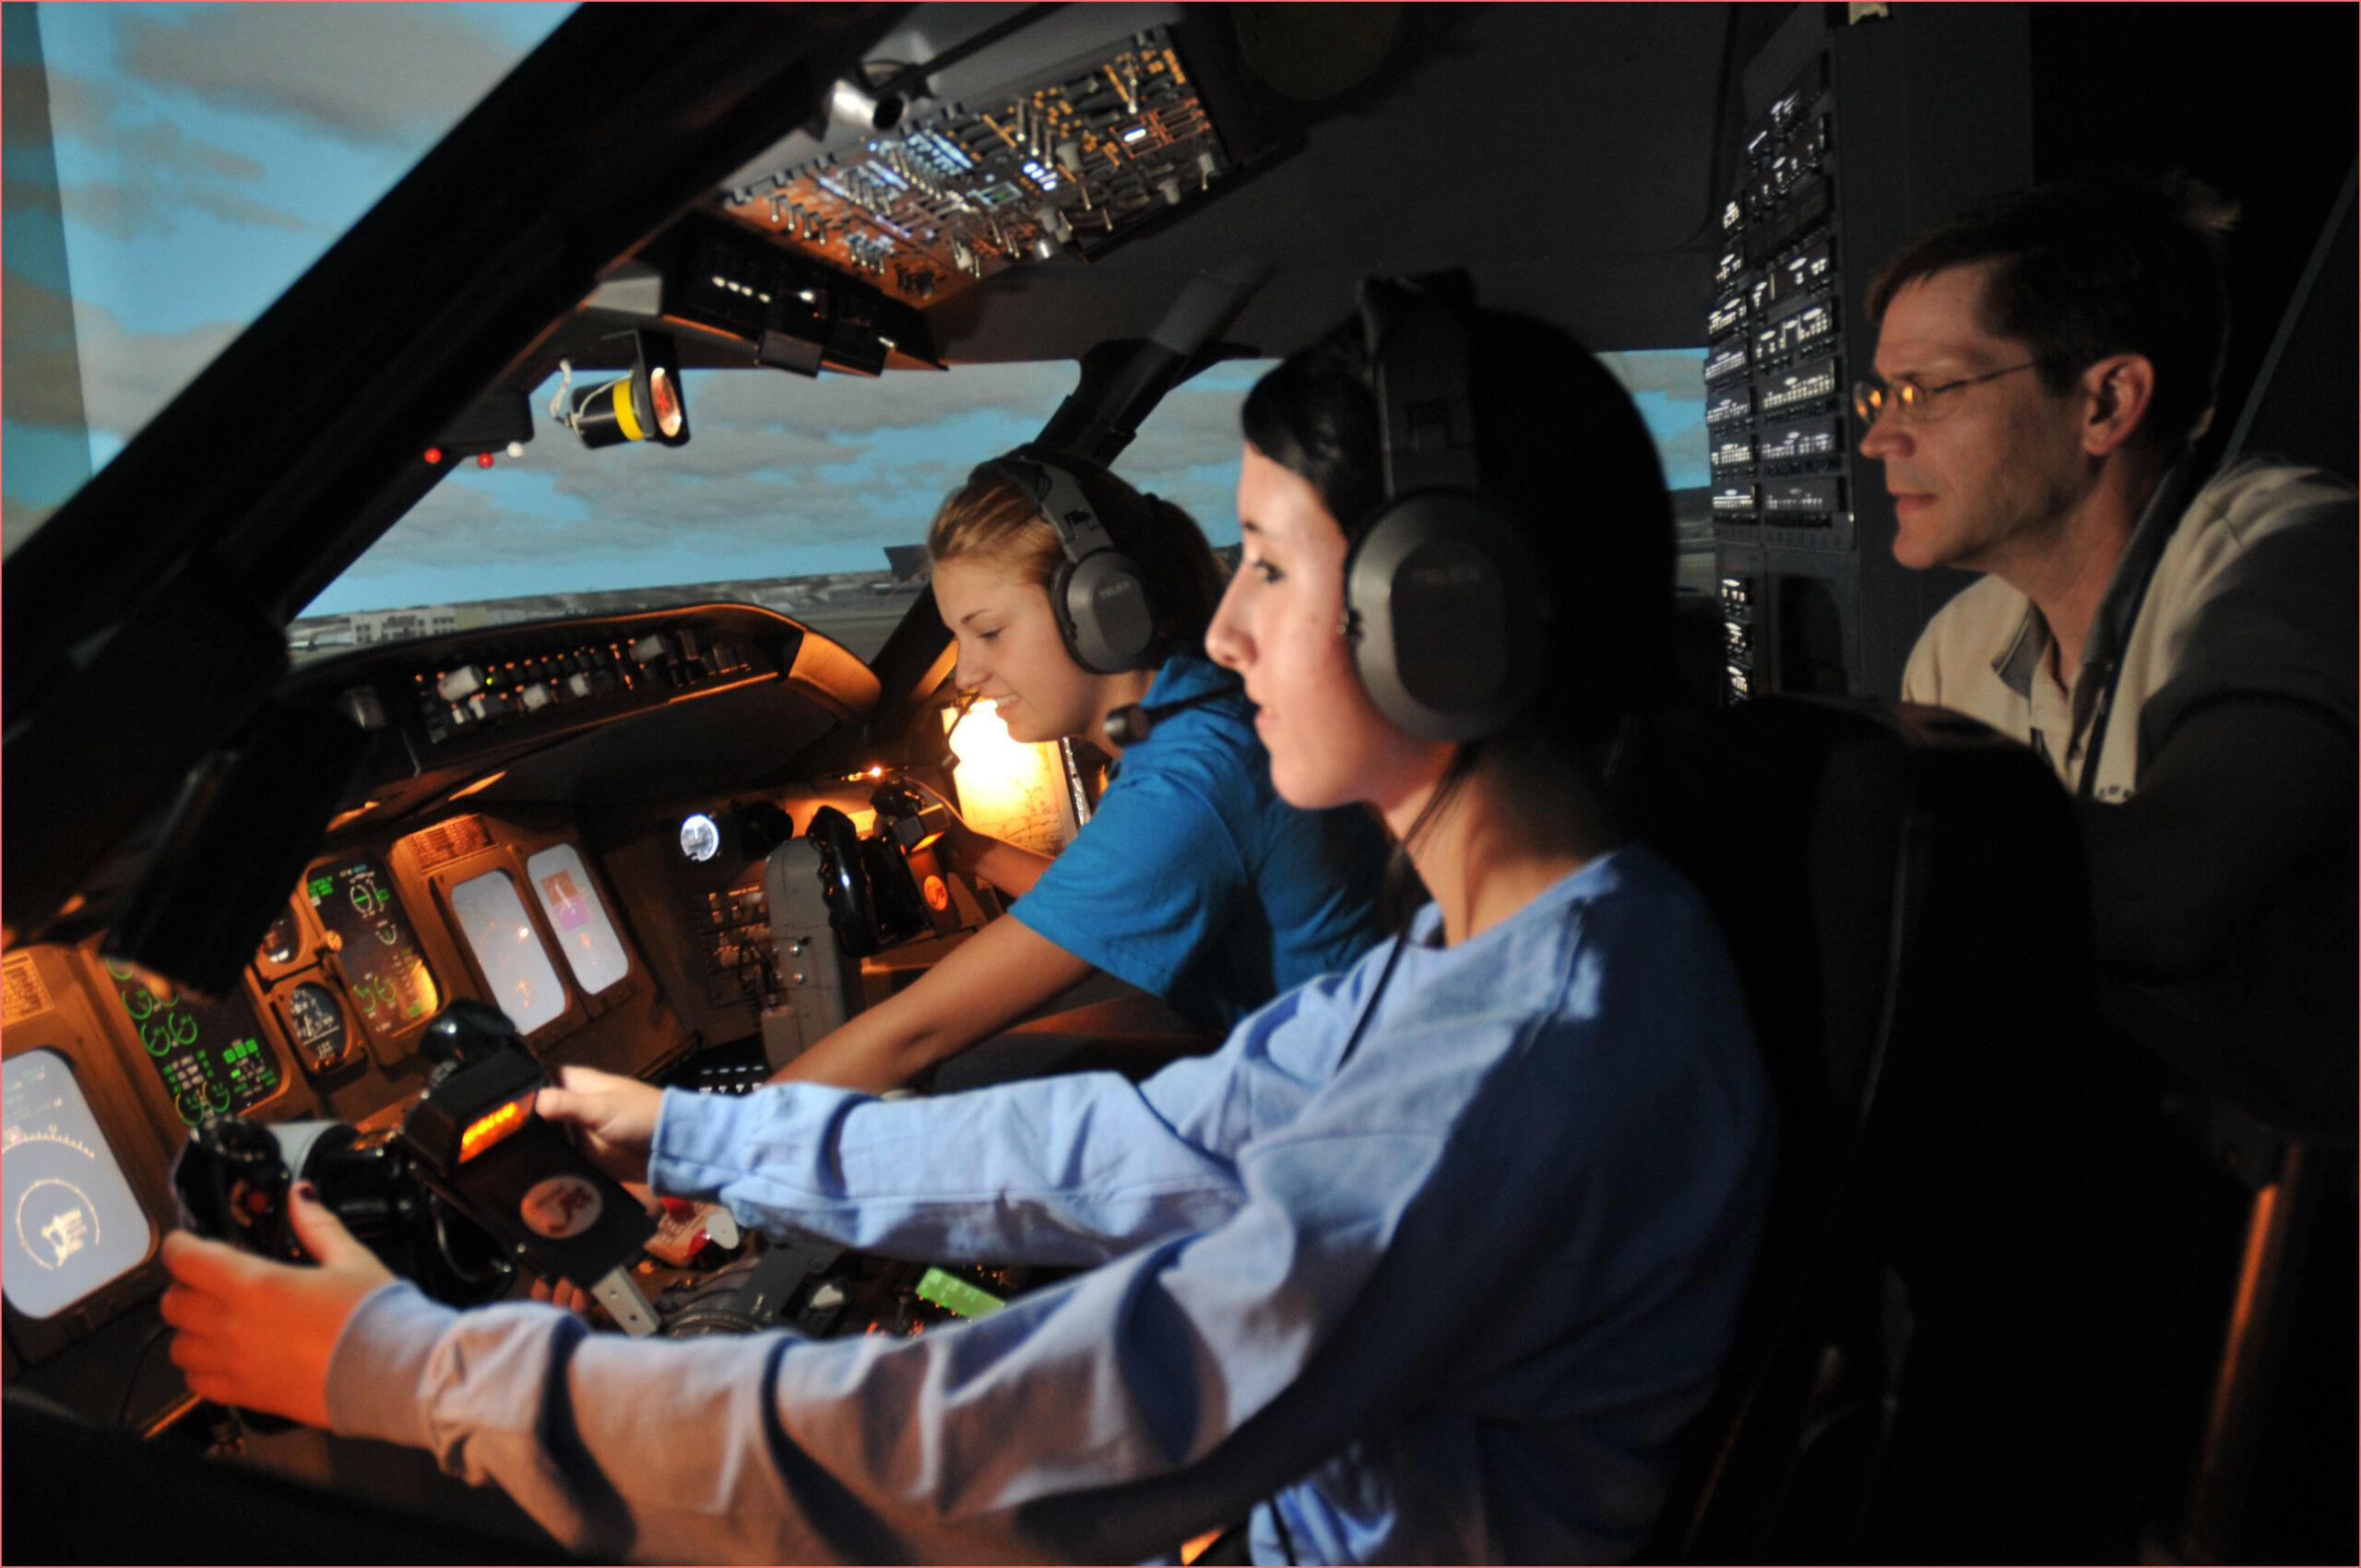 دراسة الطيران في تركيا تكاليف وشروط دراسة هندسة الطيران في تركيا  جميع المعلومات التي تحتاجها